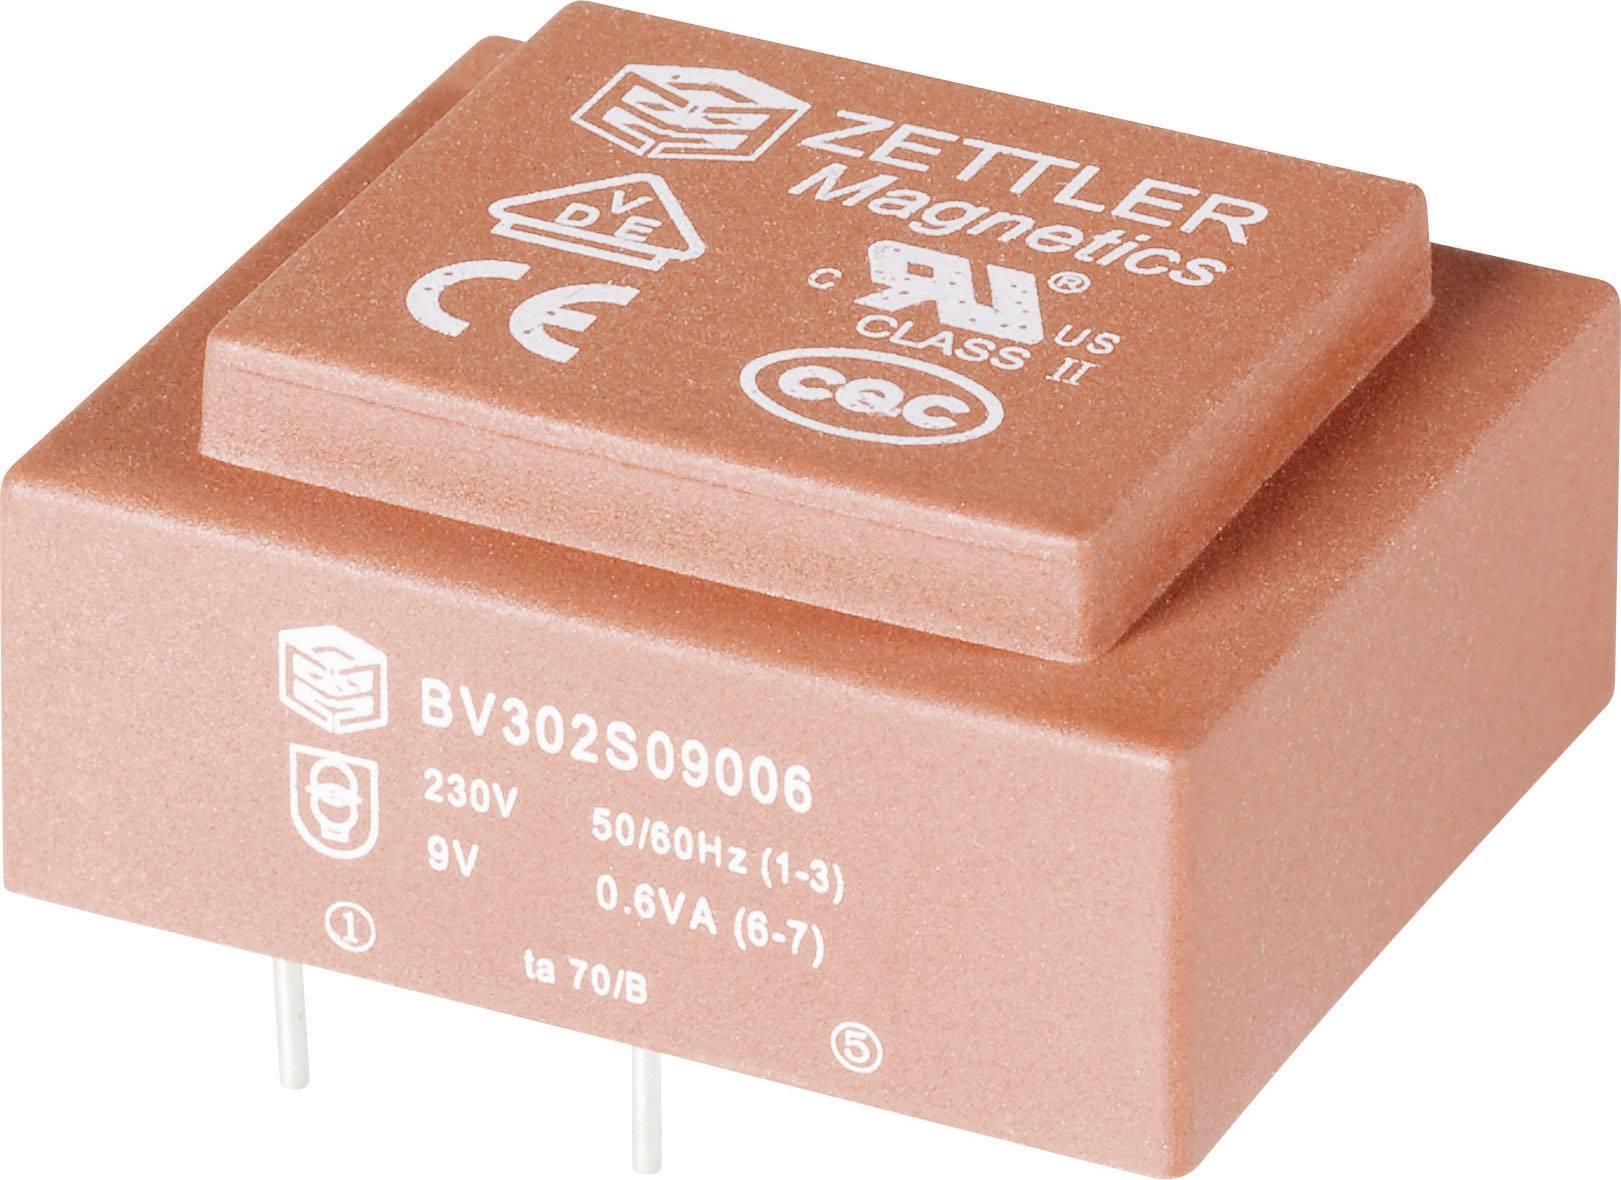 Transformátor do DPS Zettler Magnetics El30, 230 V/2x 9 V, 2x 33 mA, 0,6 VA